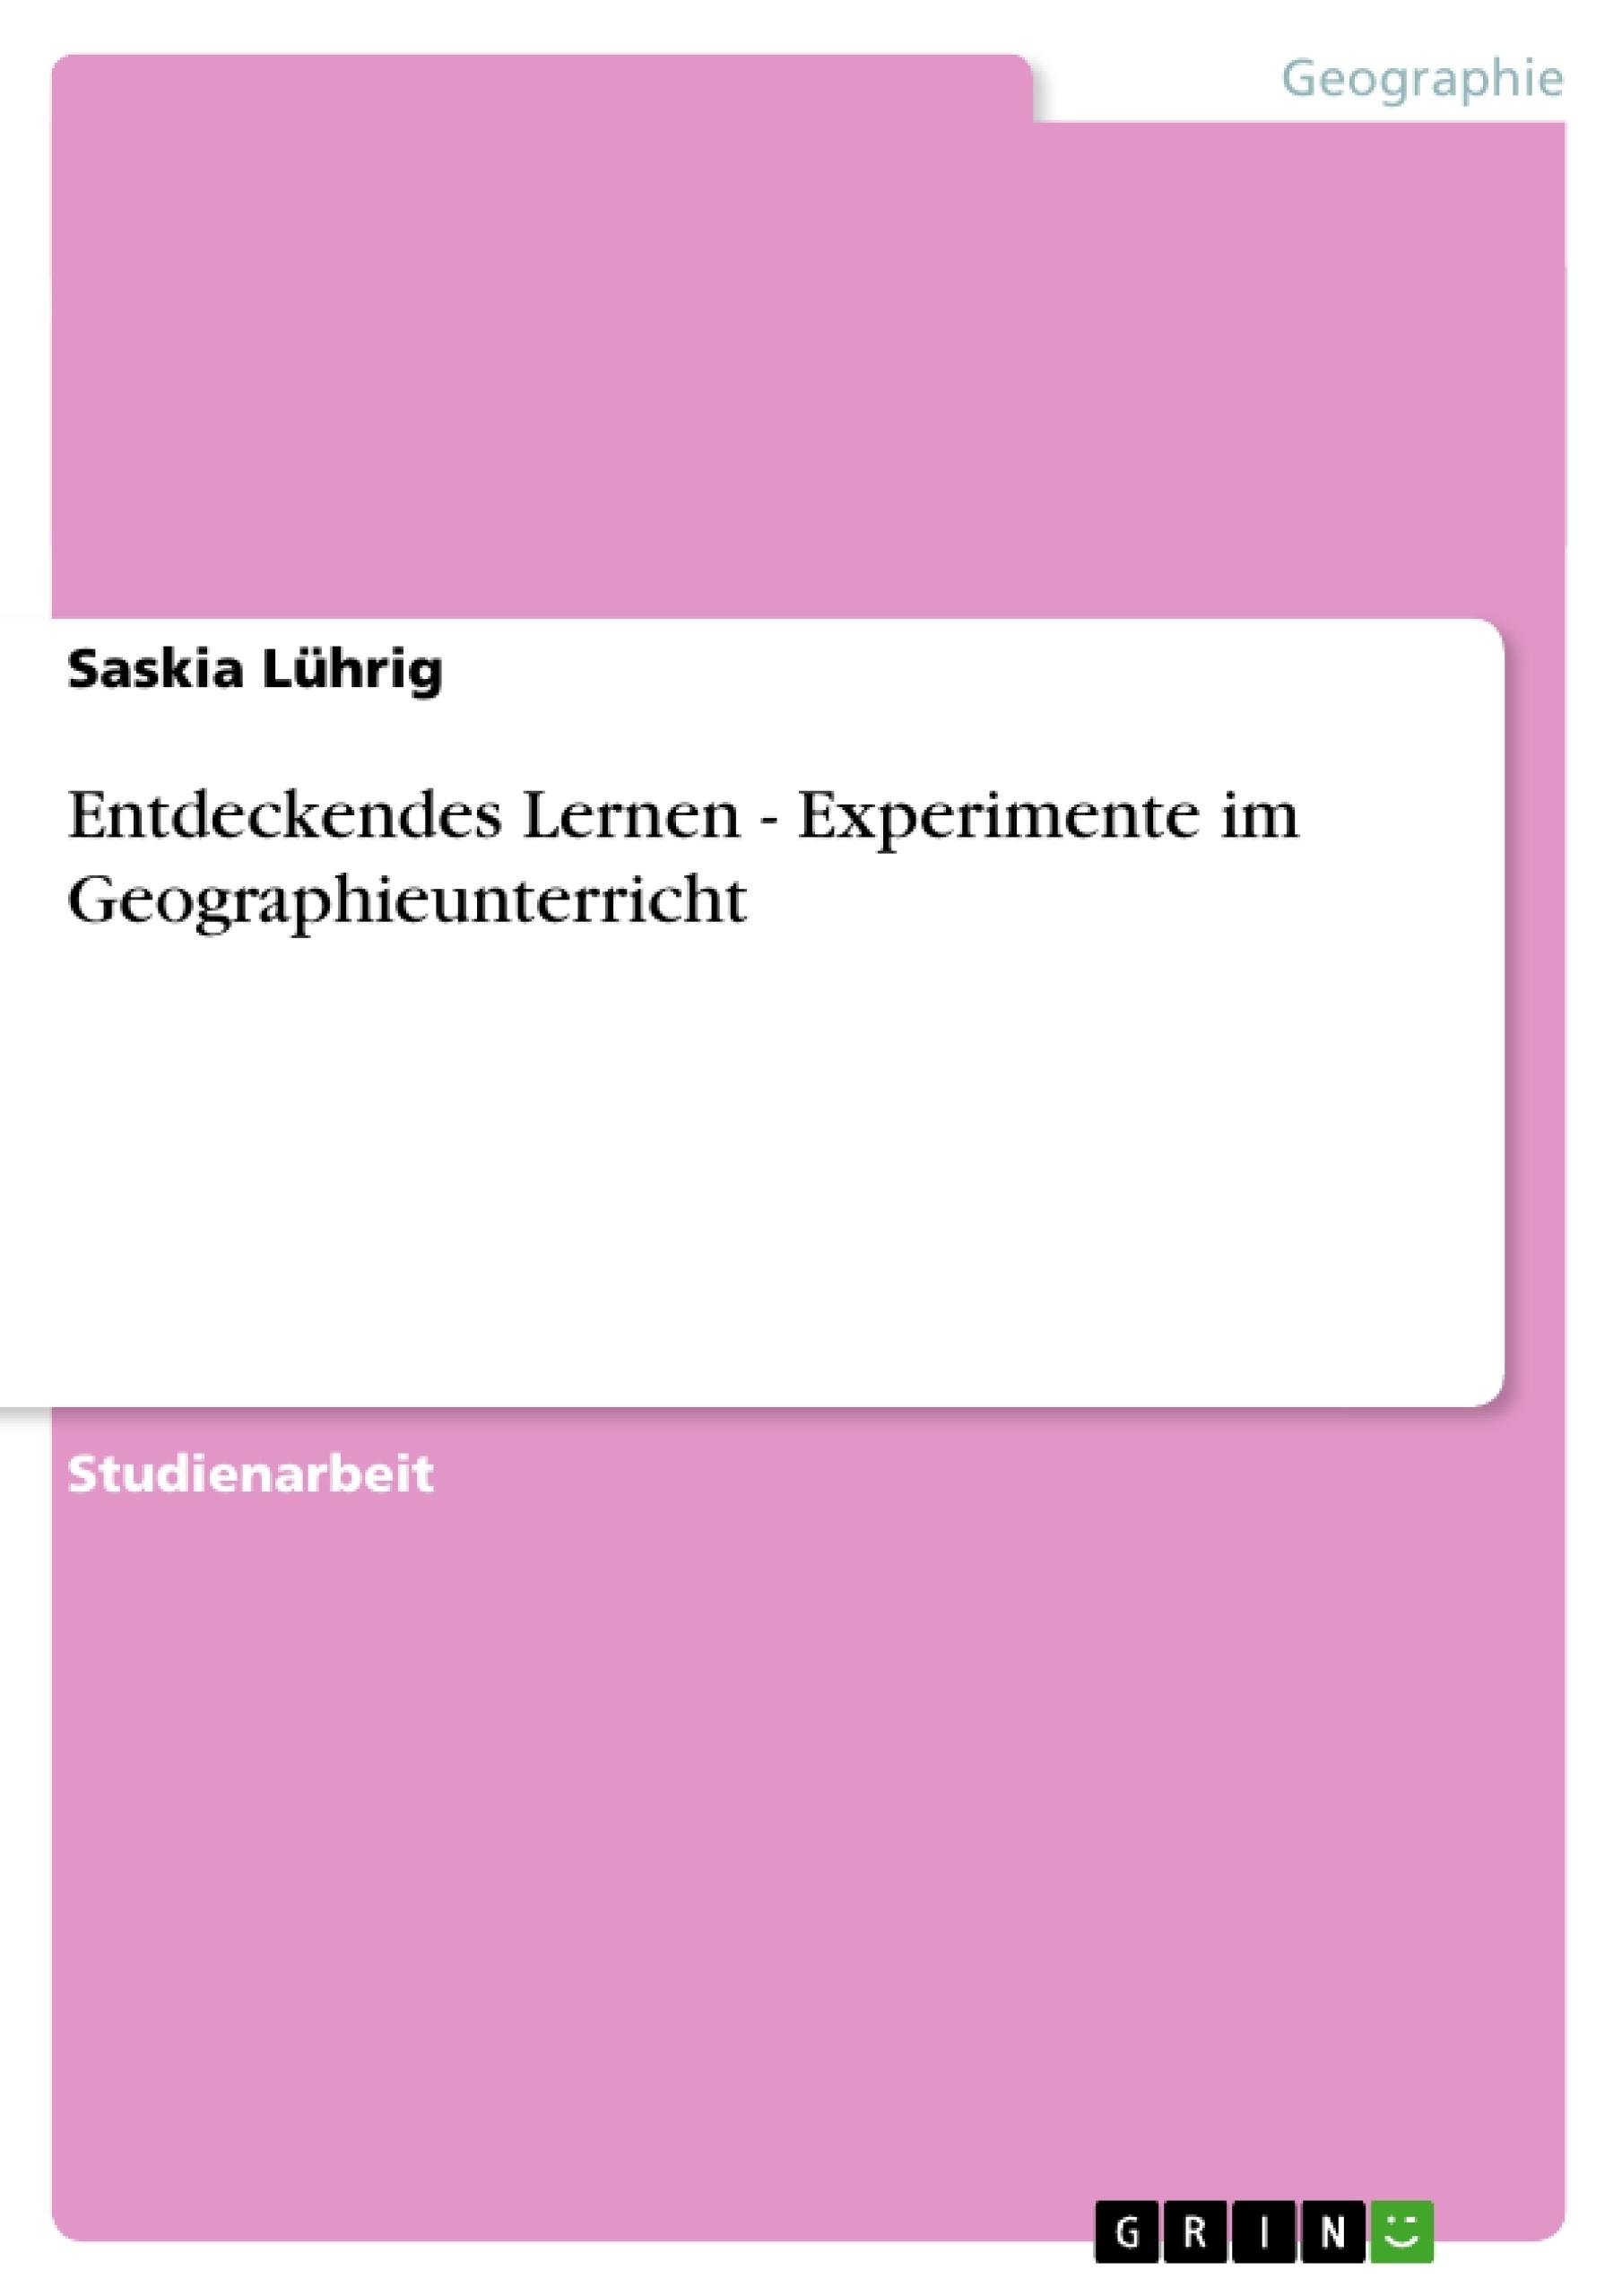 Titel: Entdeckendes Lernen - Experimente im Geographieunterricht